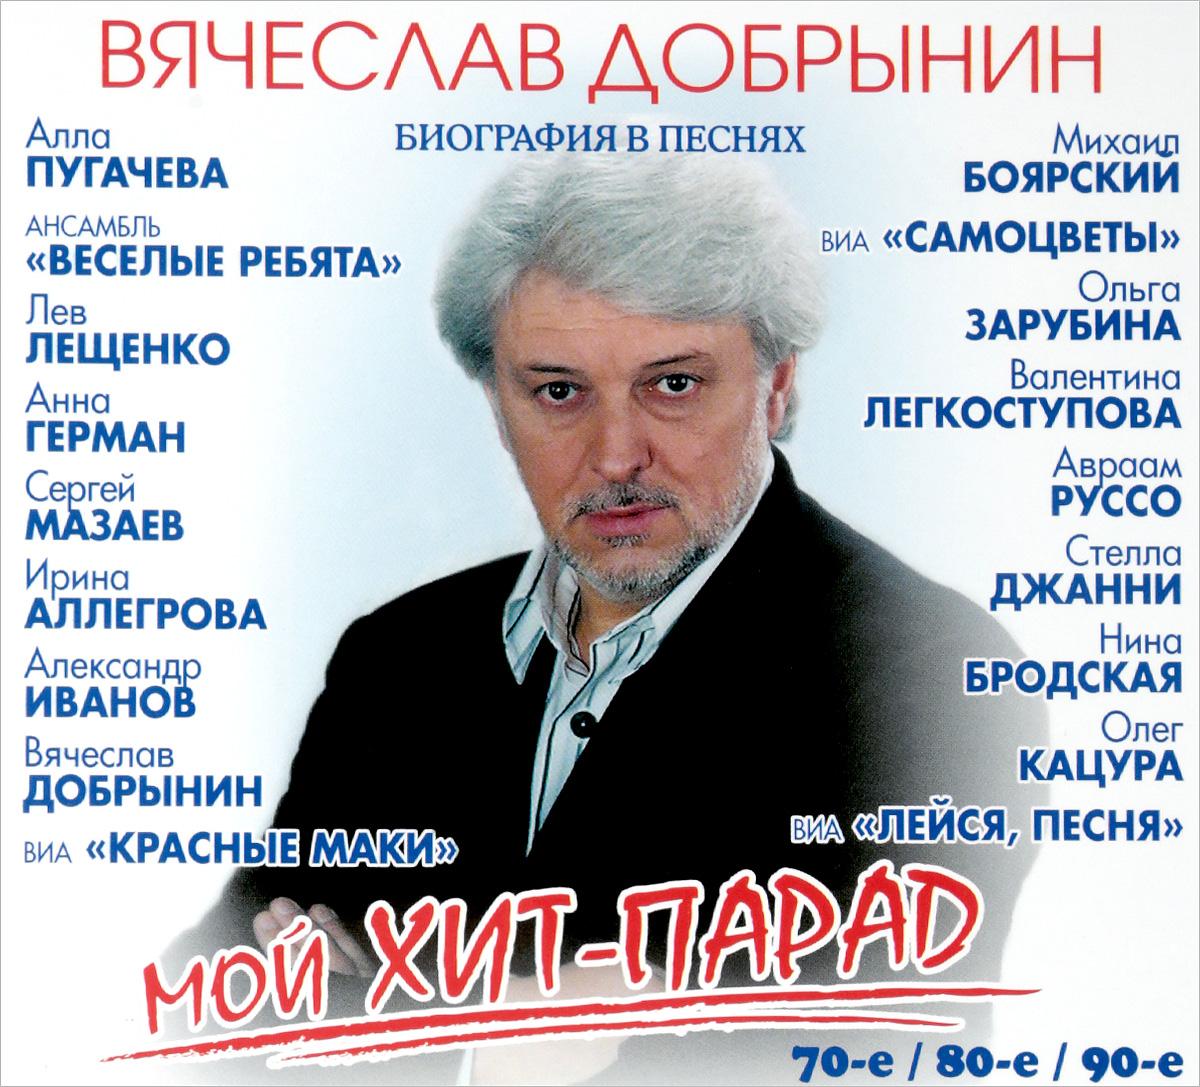 Вячеслав Добрынин Добрынин Вячеслав. Мой хит-парад - 70-е/ 80-е/ 90-е